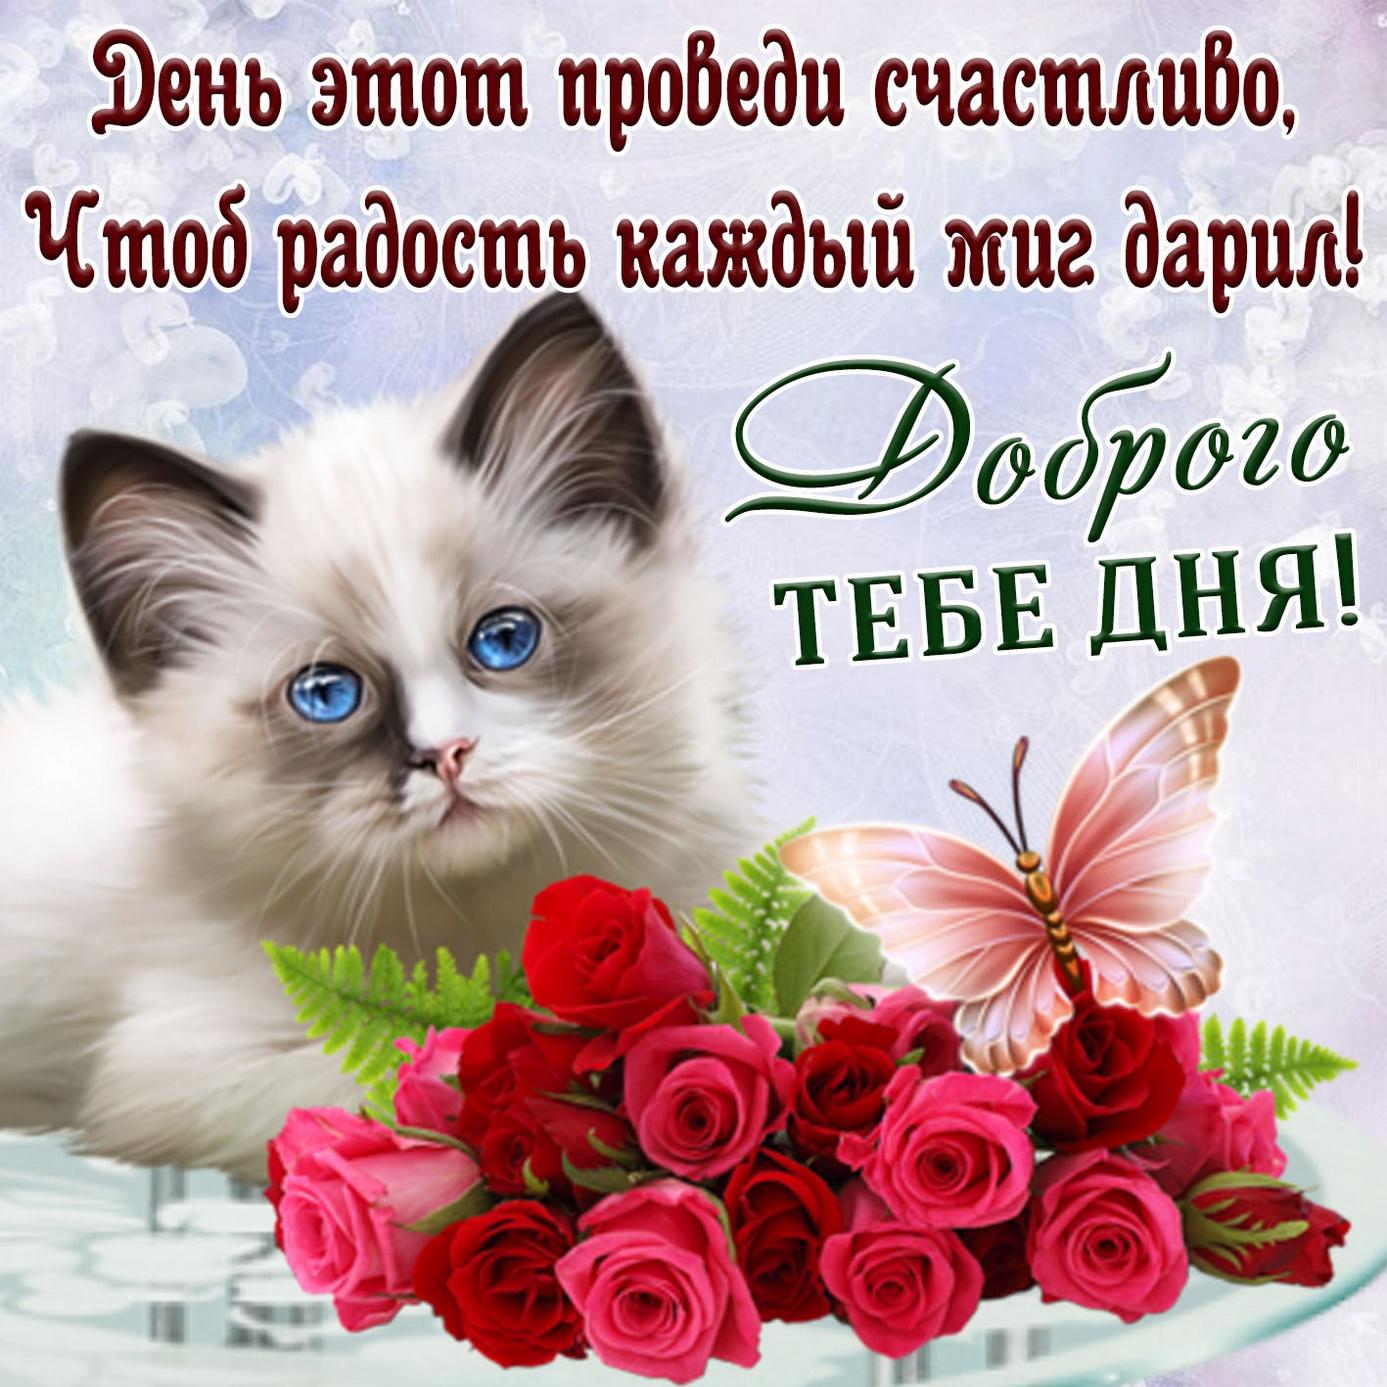 Картинка с котёнком желающим тебе доброго дня